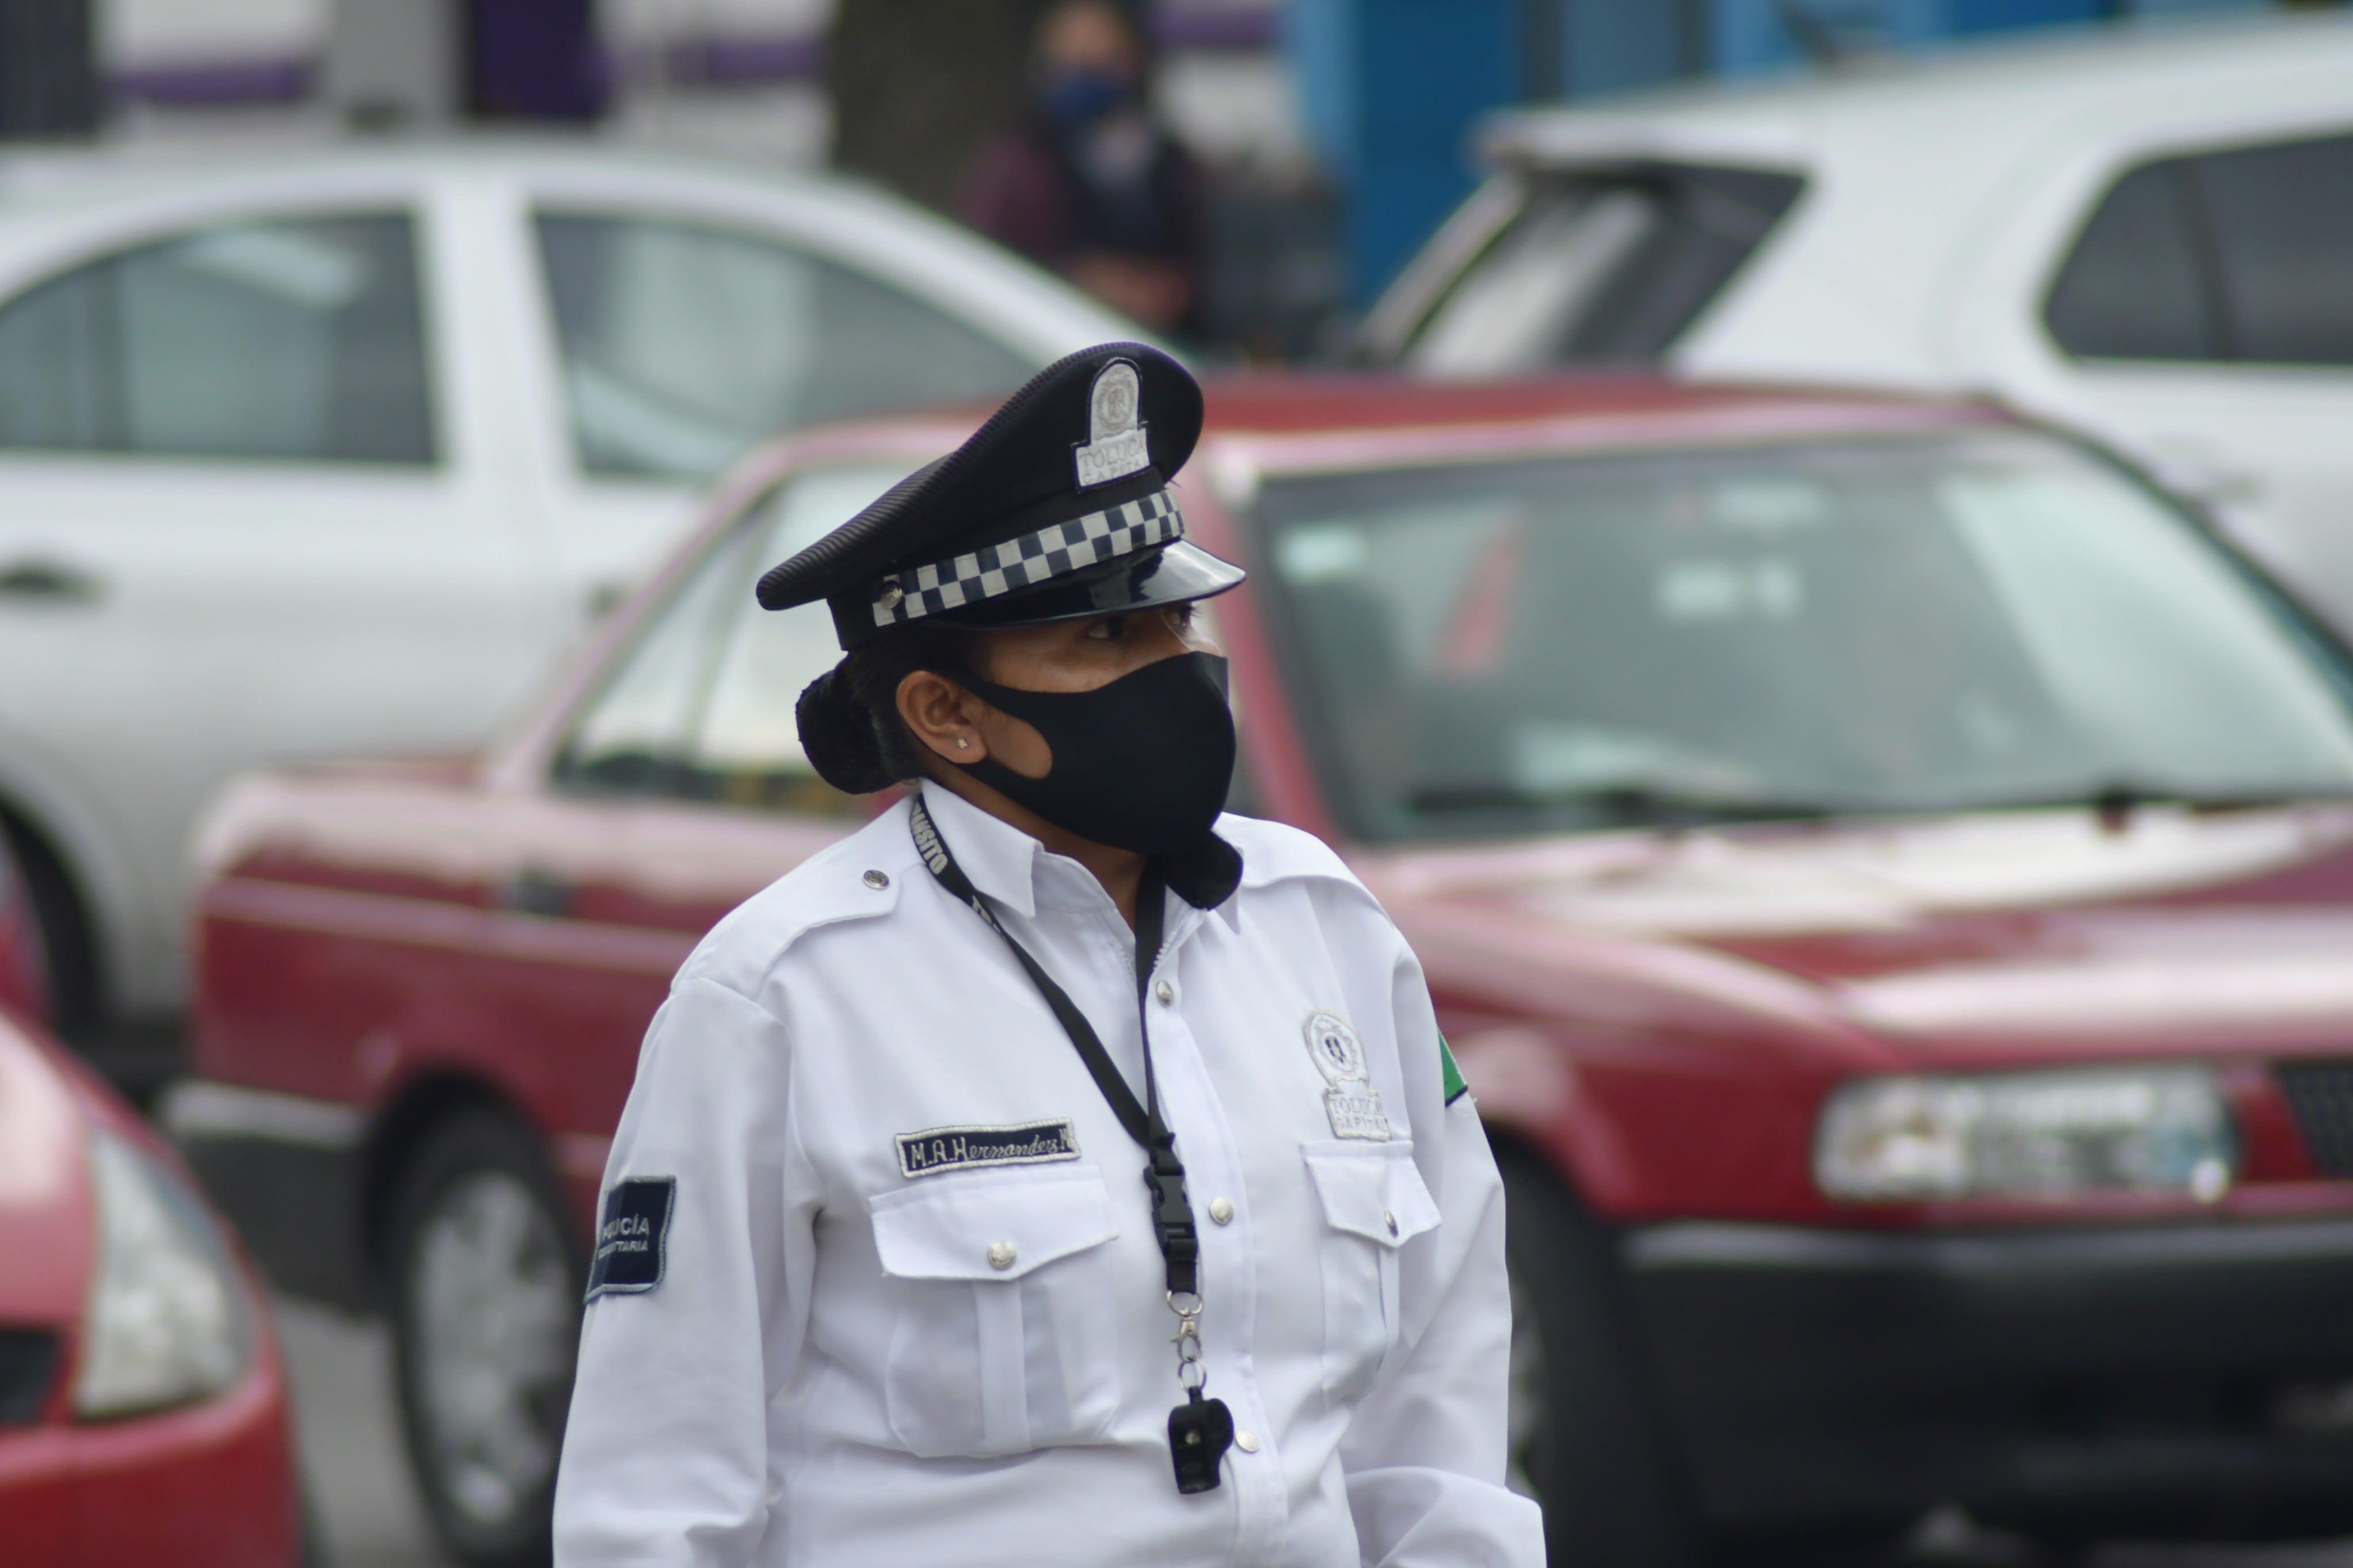 Toluca se posiciona entre las ciudades más peligrosas